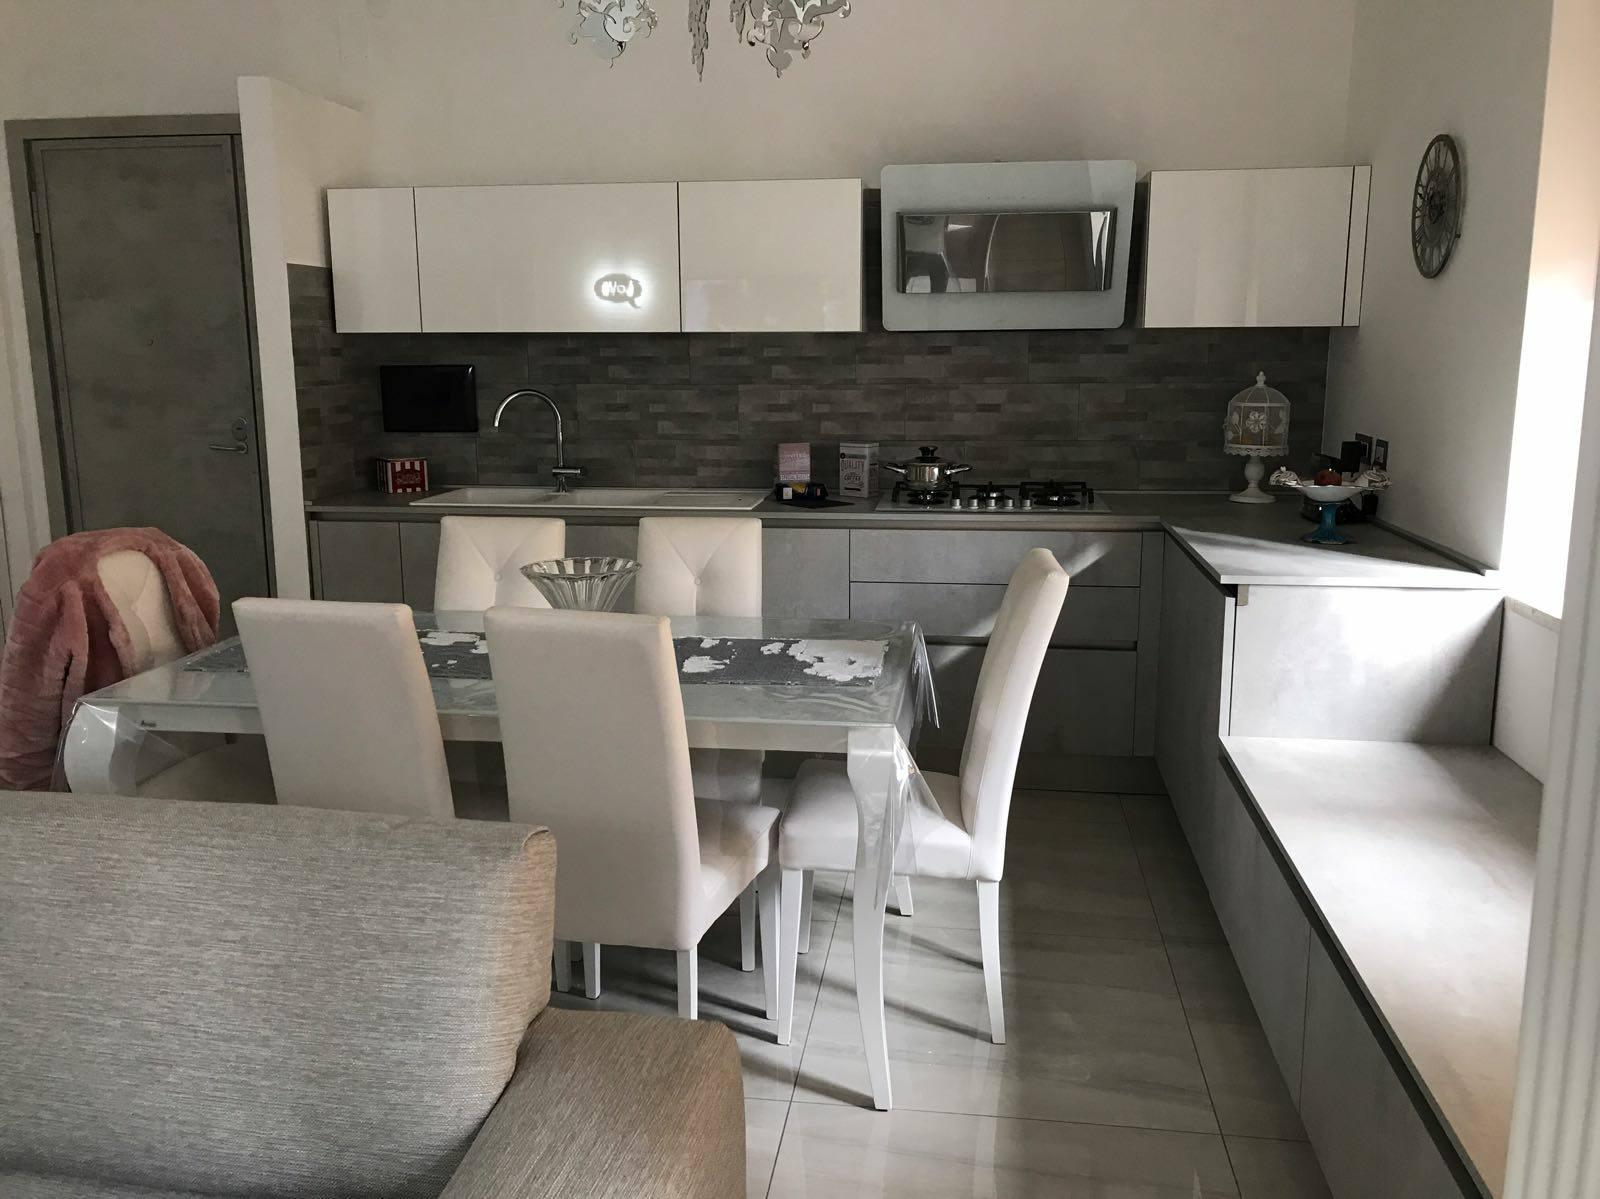 Prezioso Casa e la cucina Stosa di Oriana e Francesco